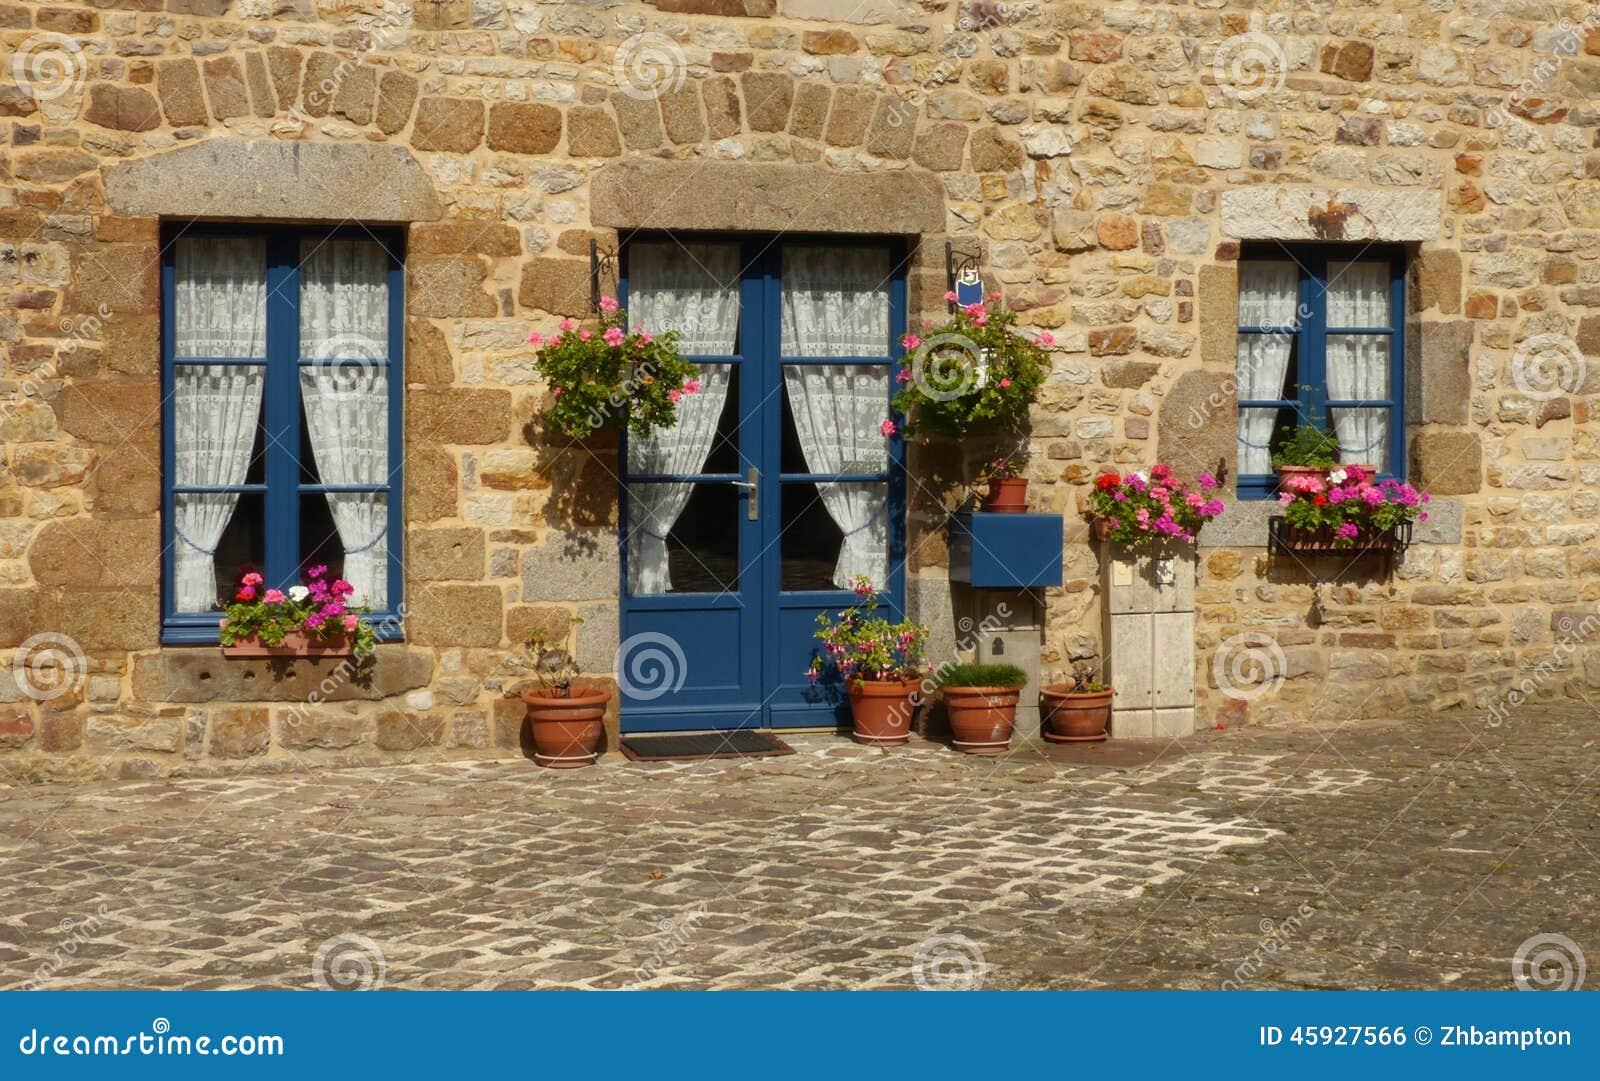 Ventanas azules y una pared de piedra foto de archivo - Piedra de silleria ...